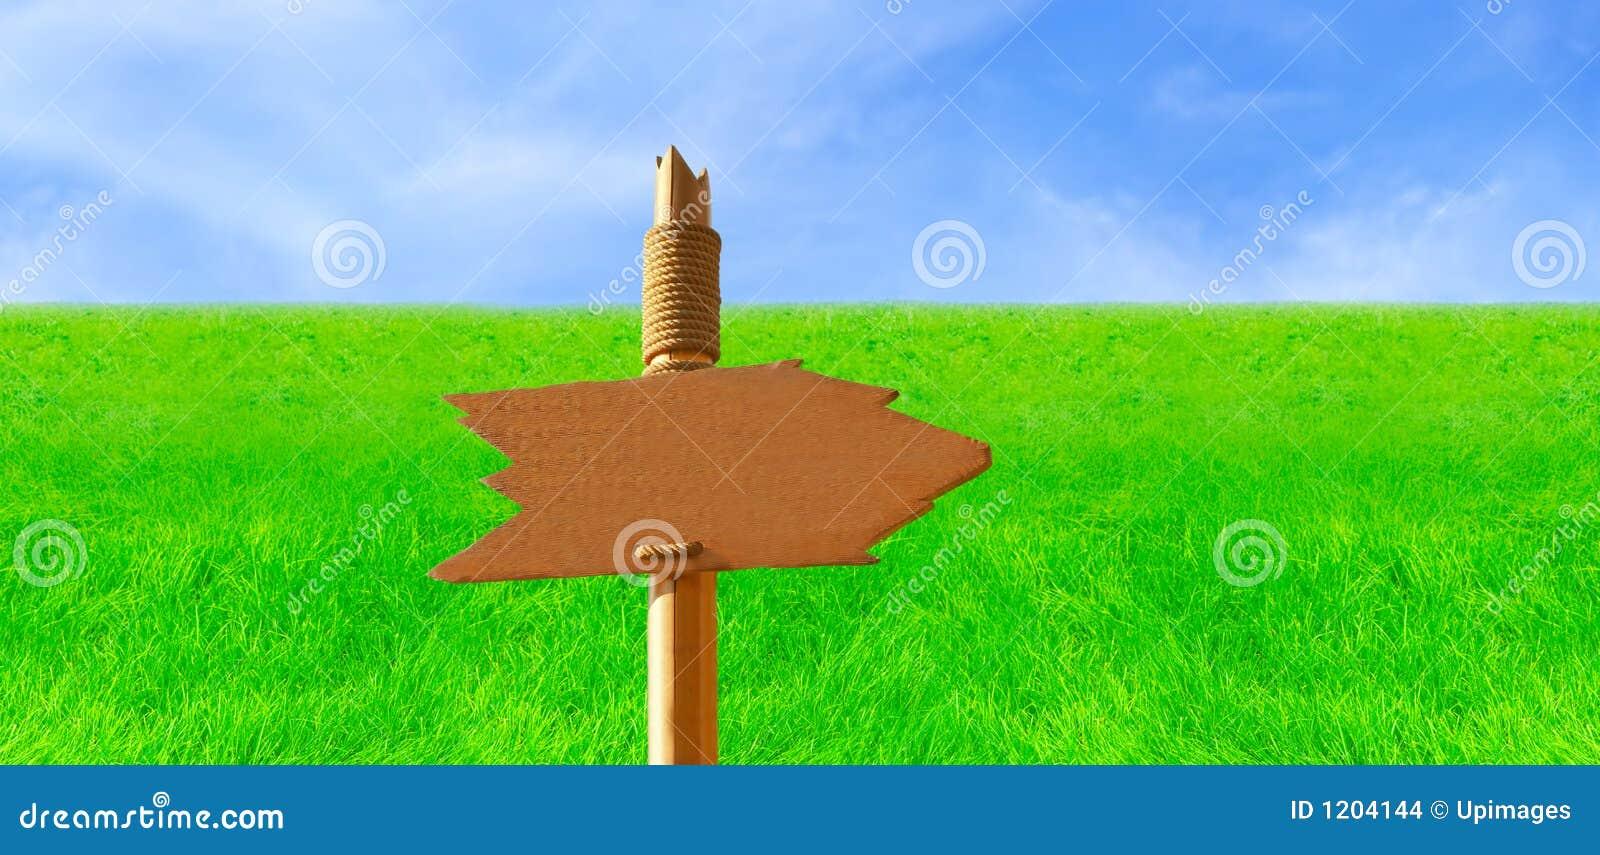 Wooden Signpost in Green Field